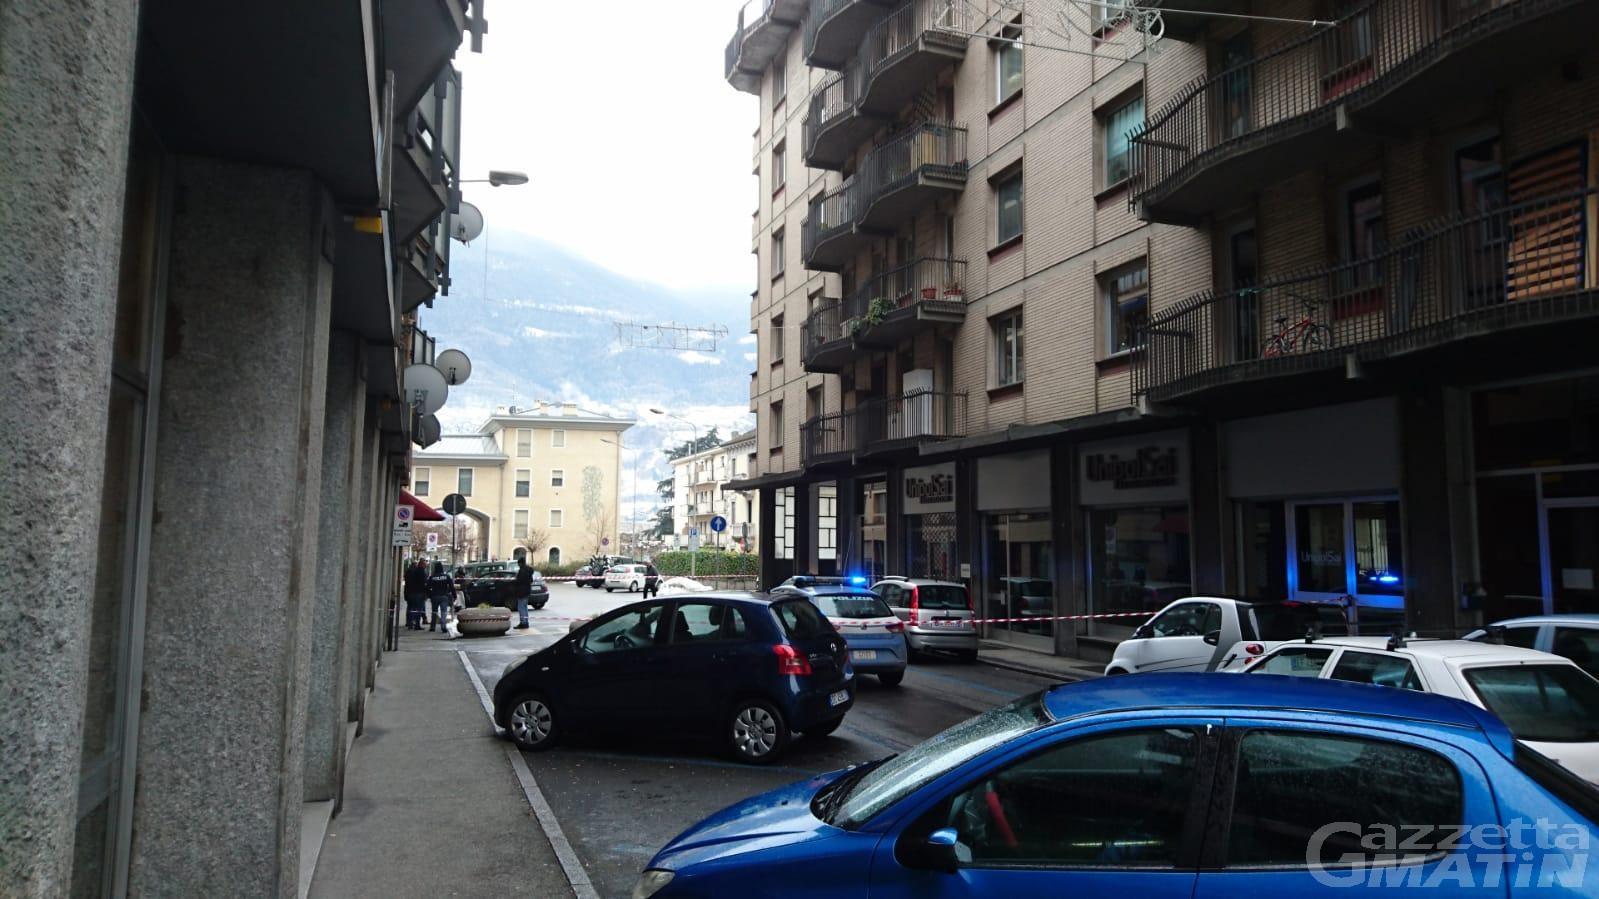 Pacchi sospetti vicino alla sede di Alpe, falso allarme